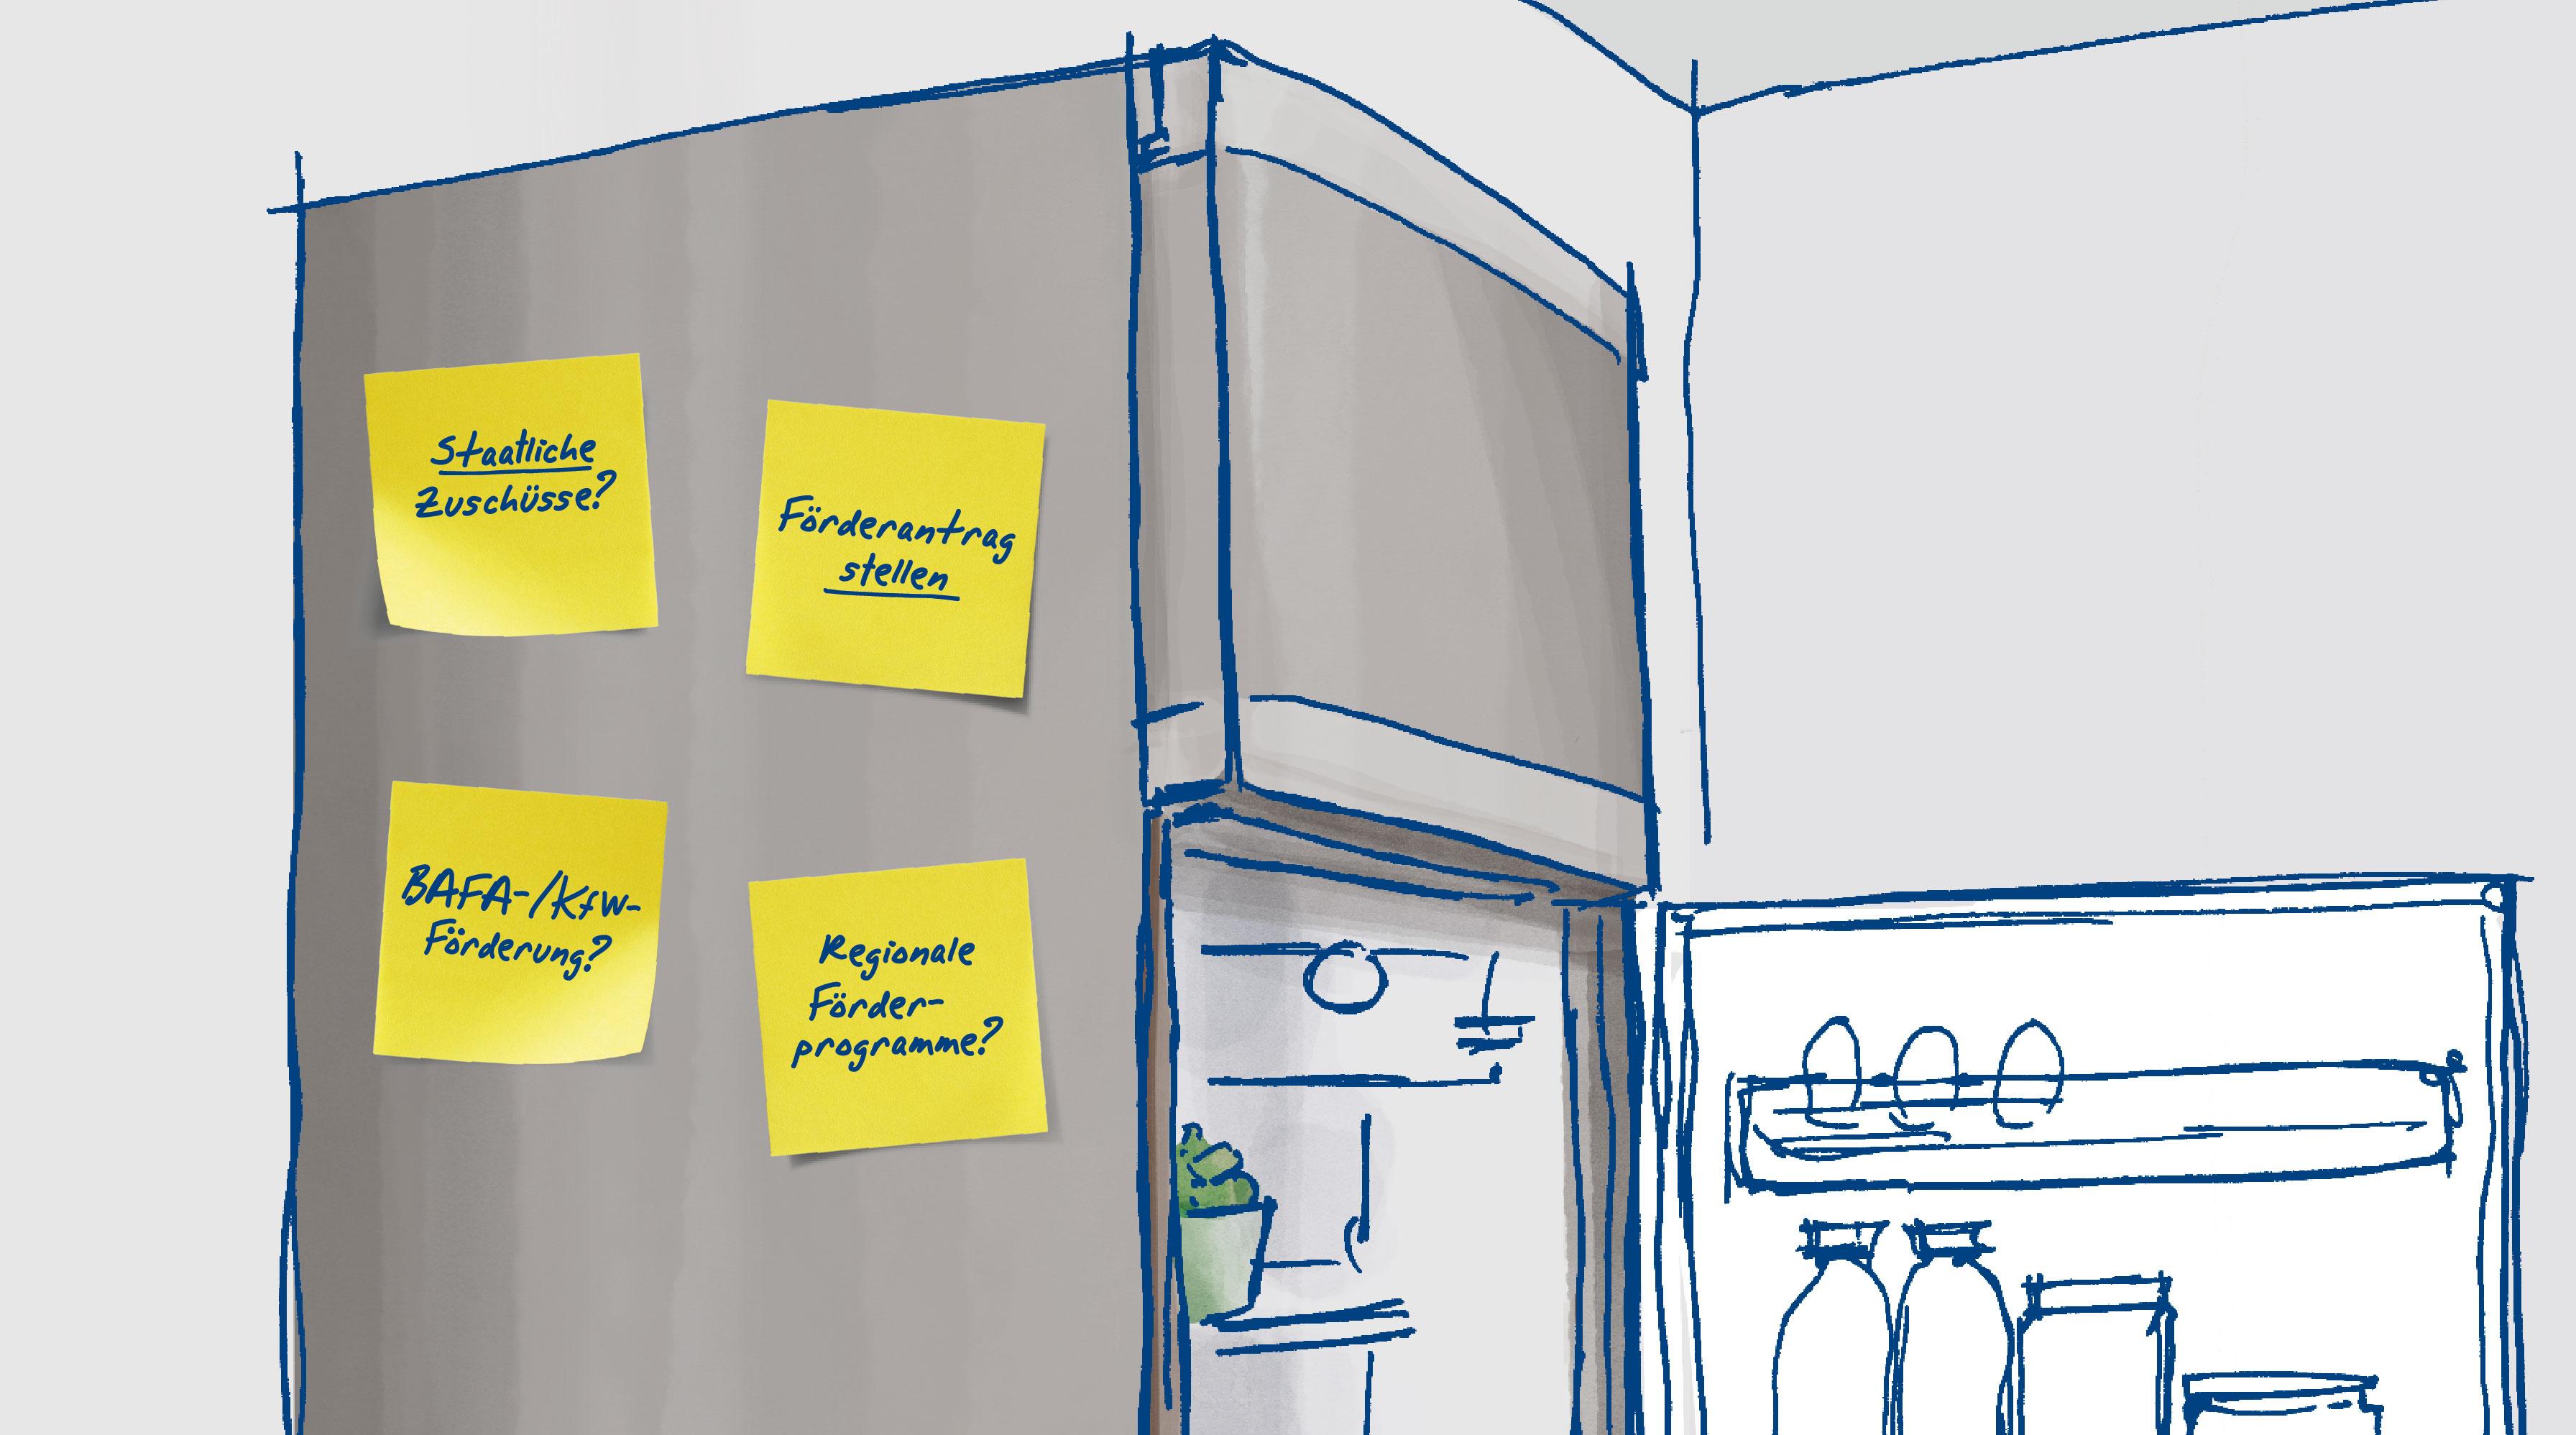 Zeichnung: Kühlschrank, an den Post-its mit Erinnerungen rund um die Heizungsförderung angeklebt sind.